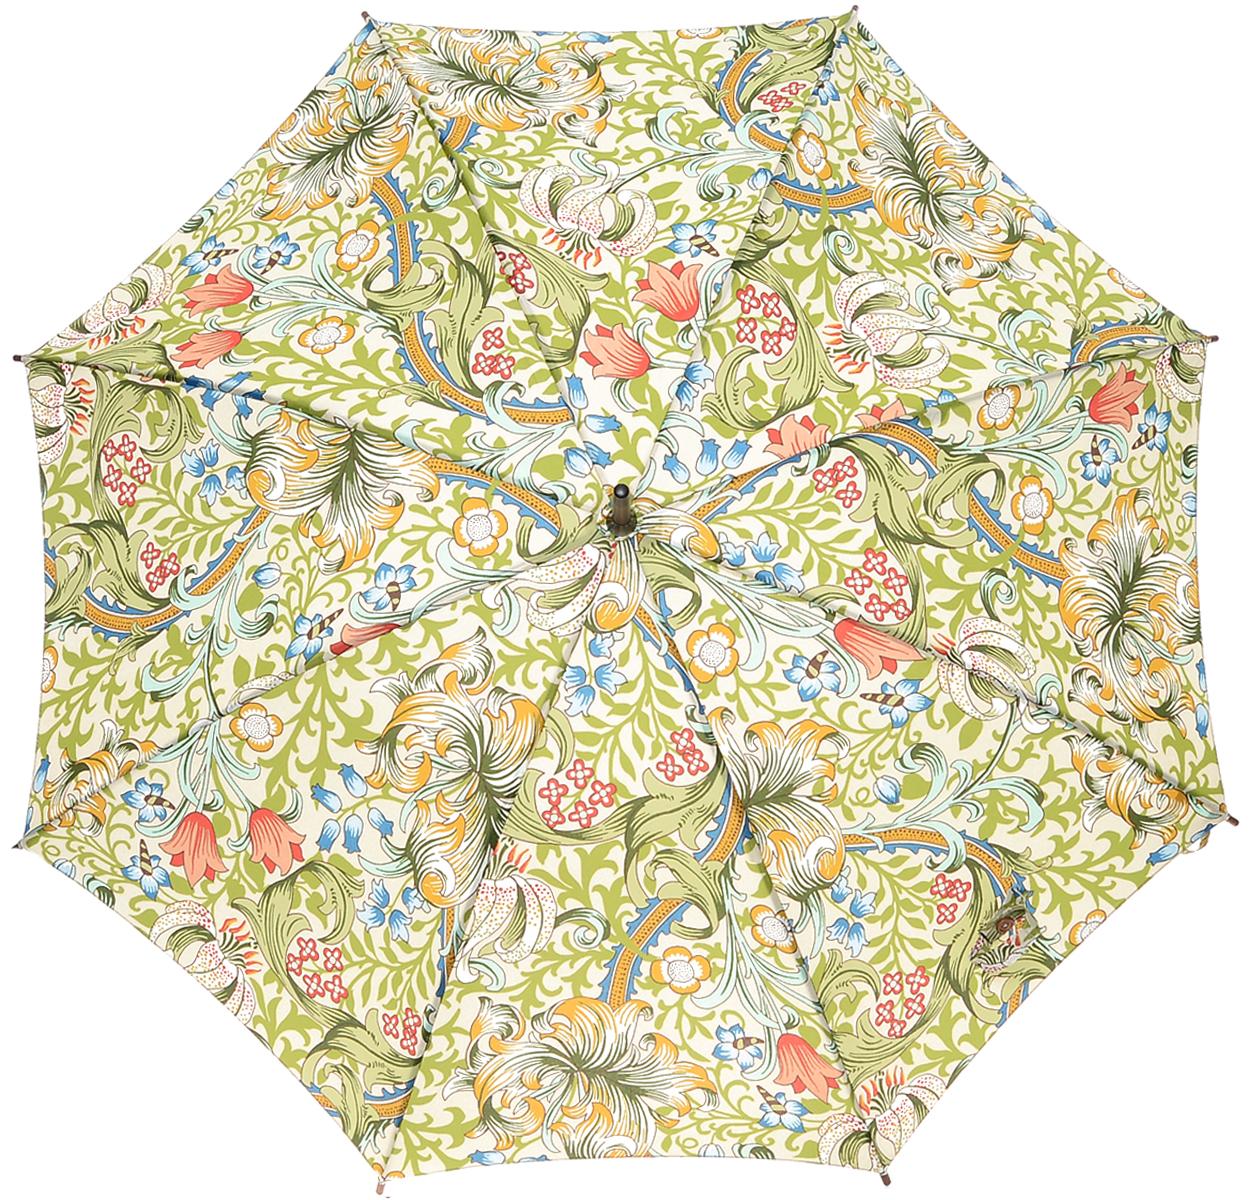 Зонт-трость женский Golden Lily, механический, цвет: зеленый45100088/18072/1000NСтильный механический зонт-трость Golden Lily даже в ненастную погоду позволит вам оставаться элегантной. Облегченный каркас зонта выполнен из 8 спиц из стали, стержень изготовлен из дерева. Купол зонта выполнен из прочного полиэстера и оформлен растительным принтом. Рукоятка закругленной формы разработана с учетом требований эргономики и выполнена из дерева. Зонт имеет механический тип сложения: купол открывается и закрывается вручную до характерного щелчка.Такой зонт не только надежно защитит вас от дождя, но и станет стильным аксессуаром. Характеристики:Материал: полиэстер, сталь, дерево. Диаметр купола: 102 см.Цвет: зеленый. Длина стержня зонта: 78 см. Длина зонта (в сложенном виде): 89 см.Вес: 370 г.Артикул: L715 3S1605.